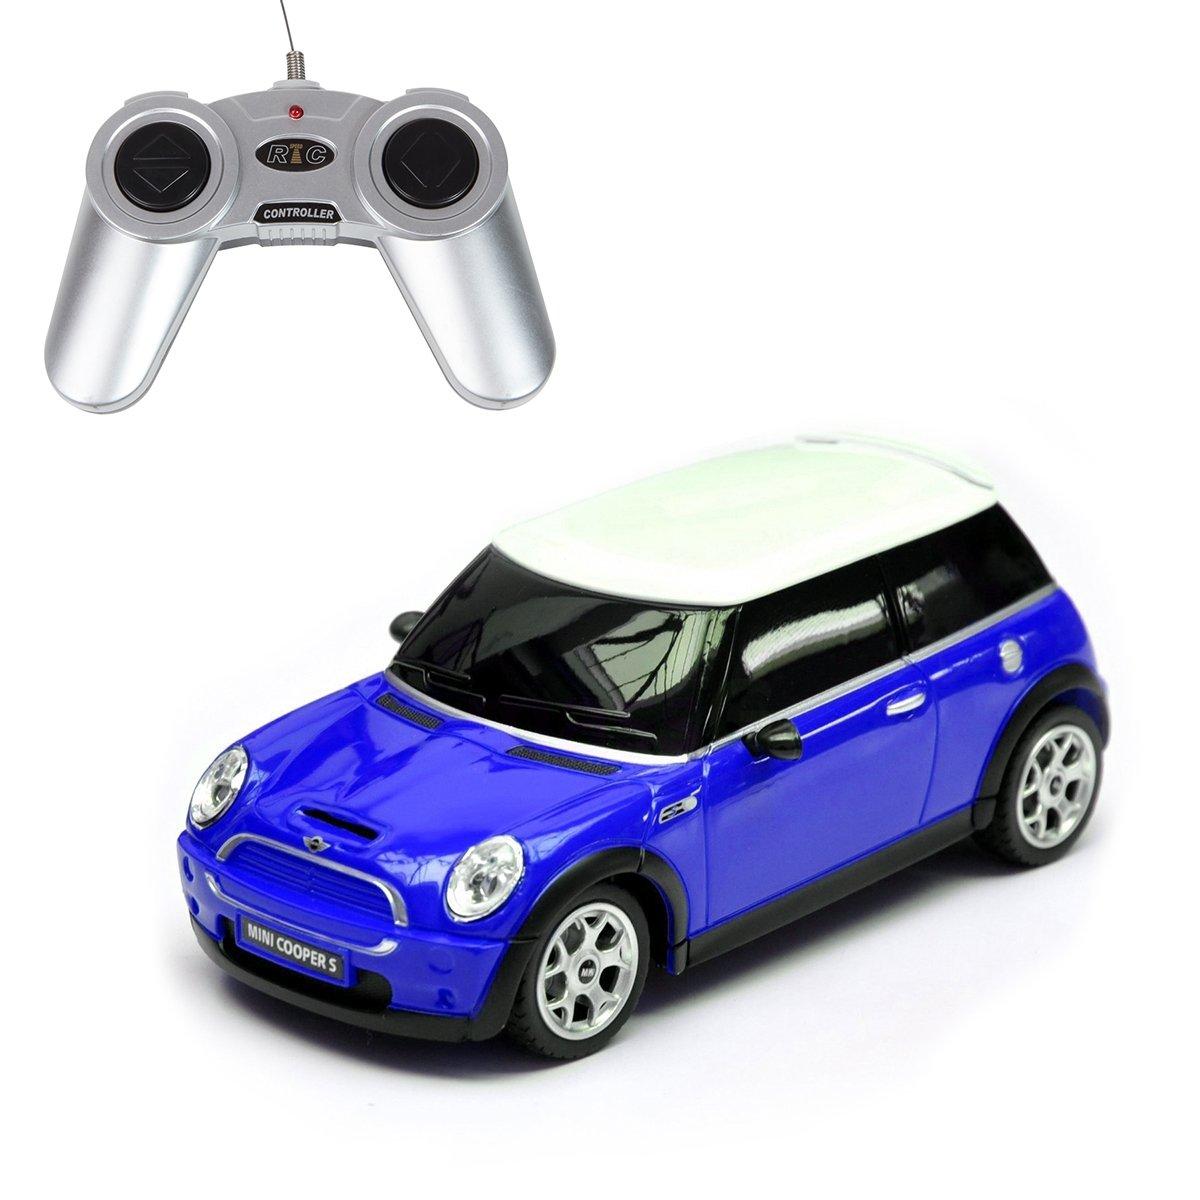 Masina cu telecomanda Rastar Mini Cooper S, 1:18, Albastru